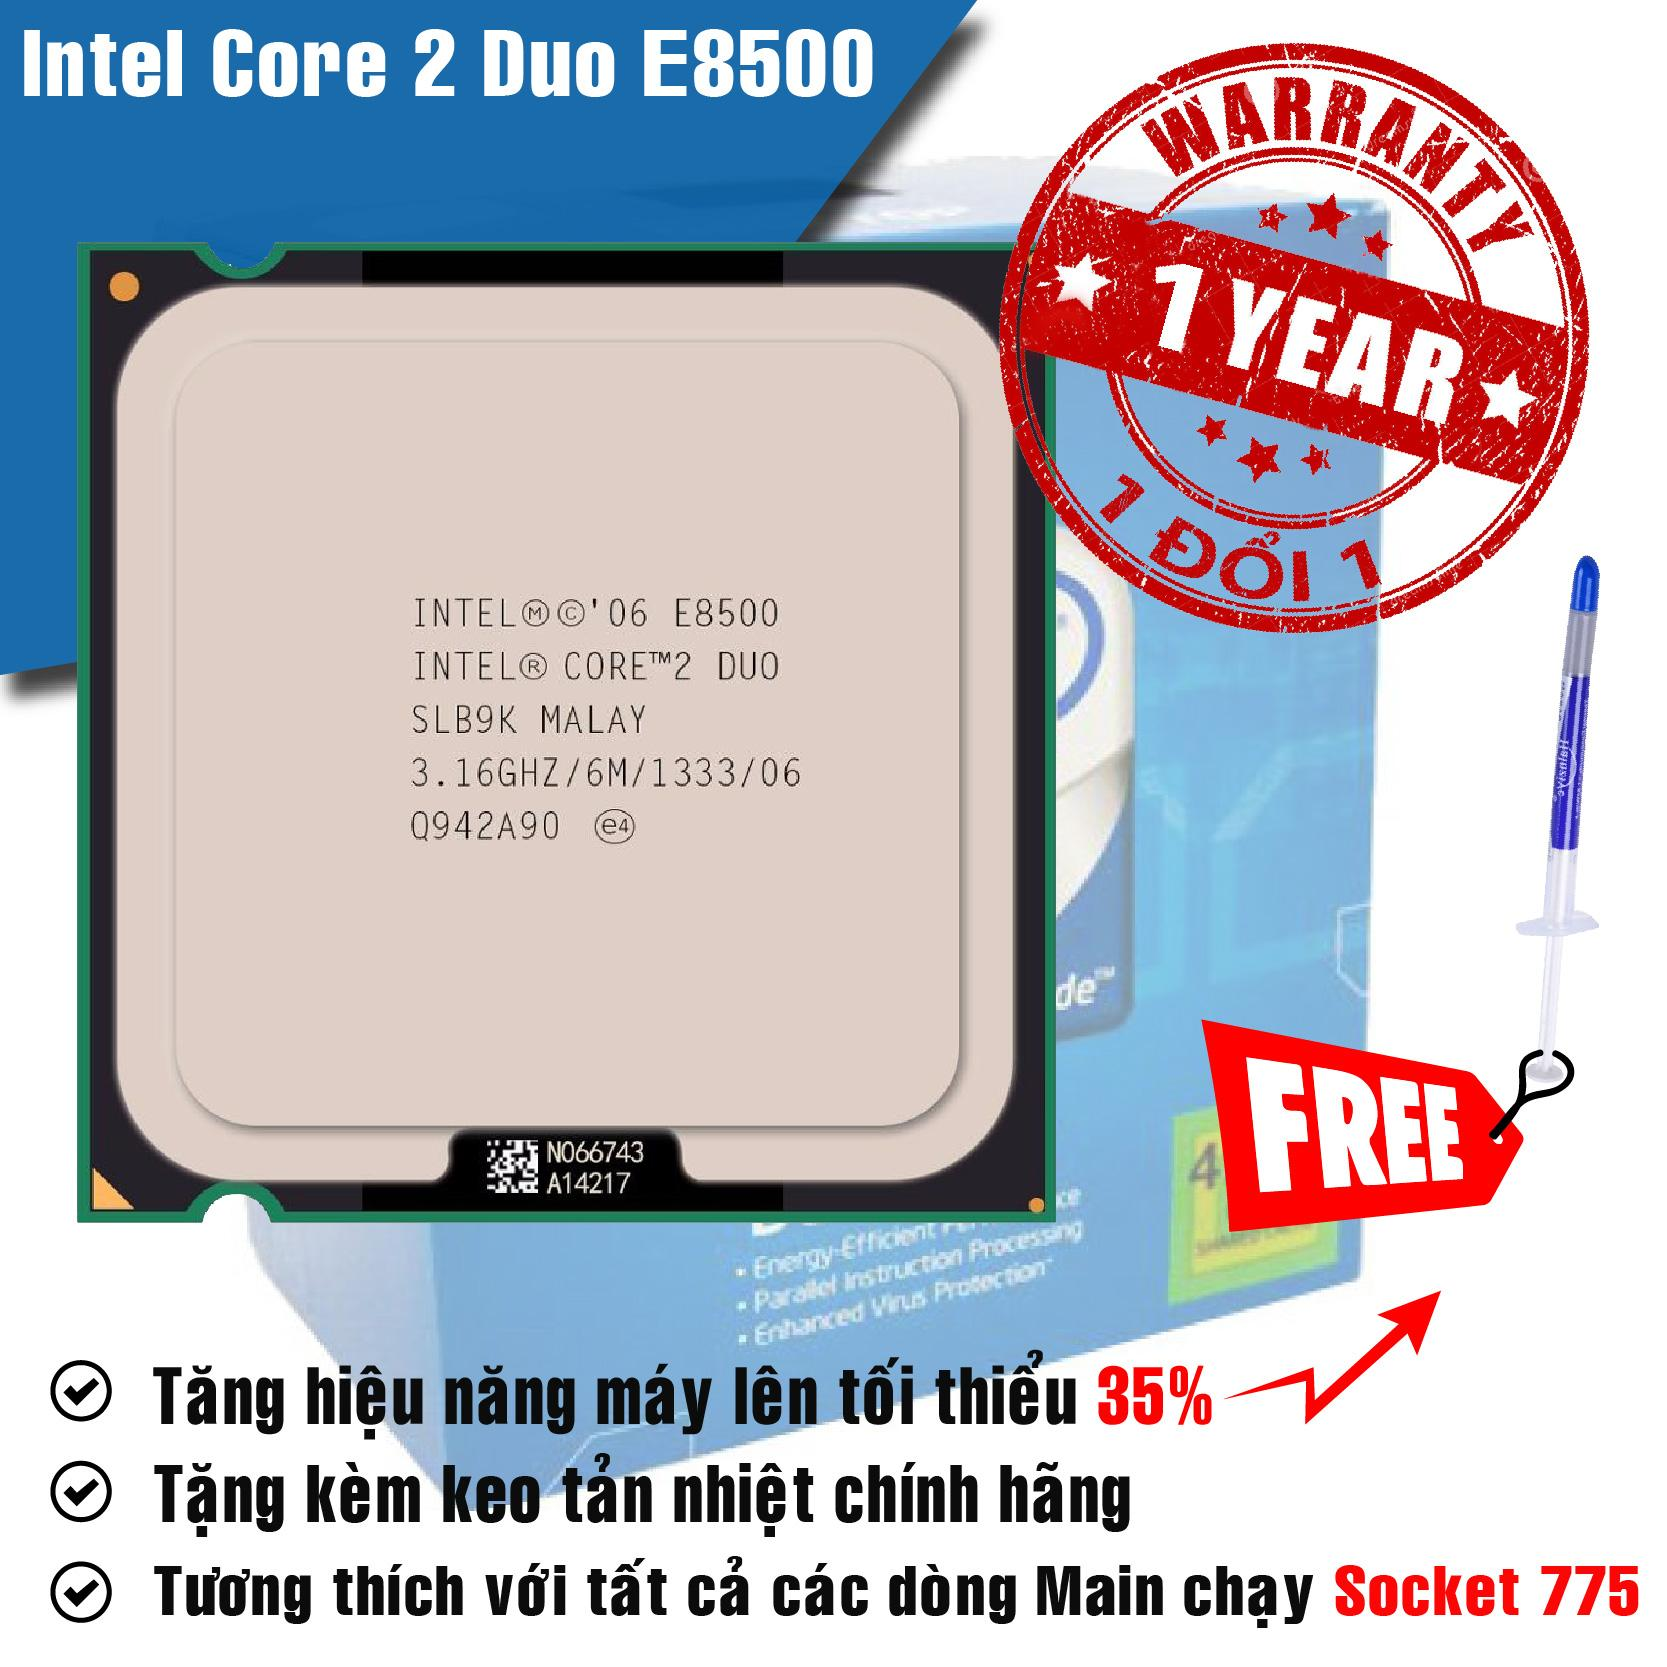 Hình ảnh Bộ vi xử lý Intel Core 2 Duo E8500 3.16GHz(2 lõi, 6Mb Cache) Bus 1333MHz - Tặng Keo Tản Nhiệt.